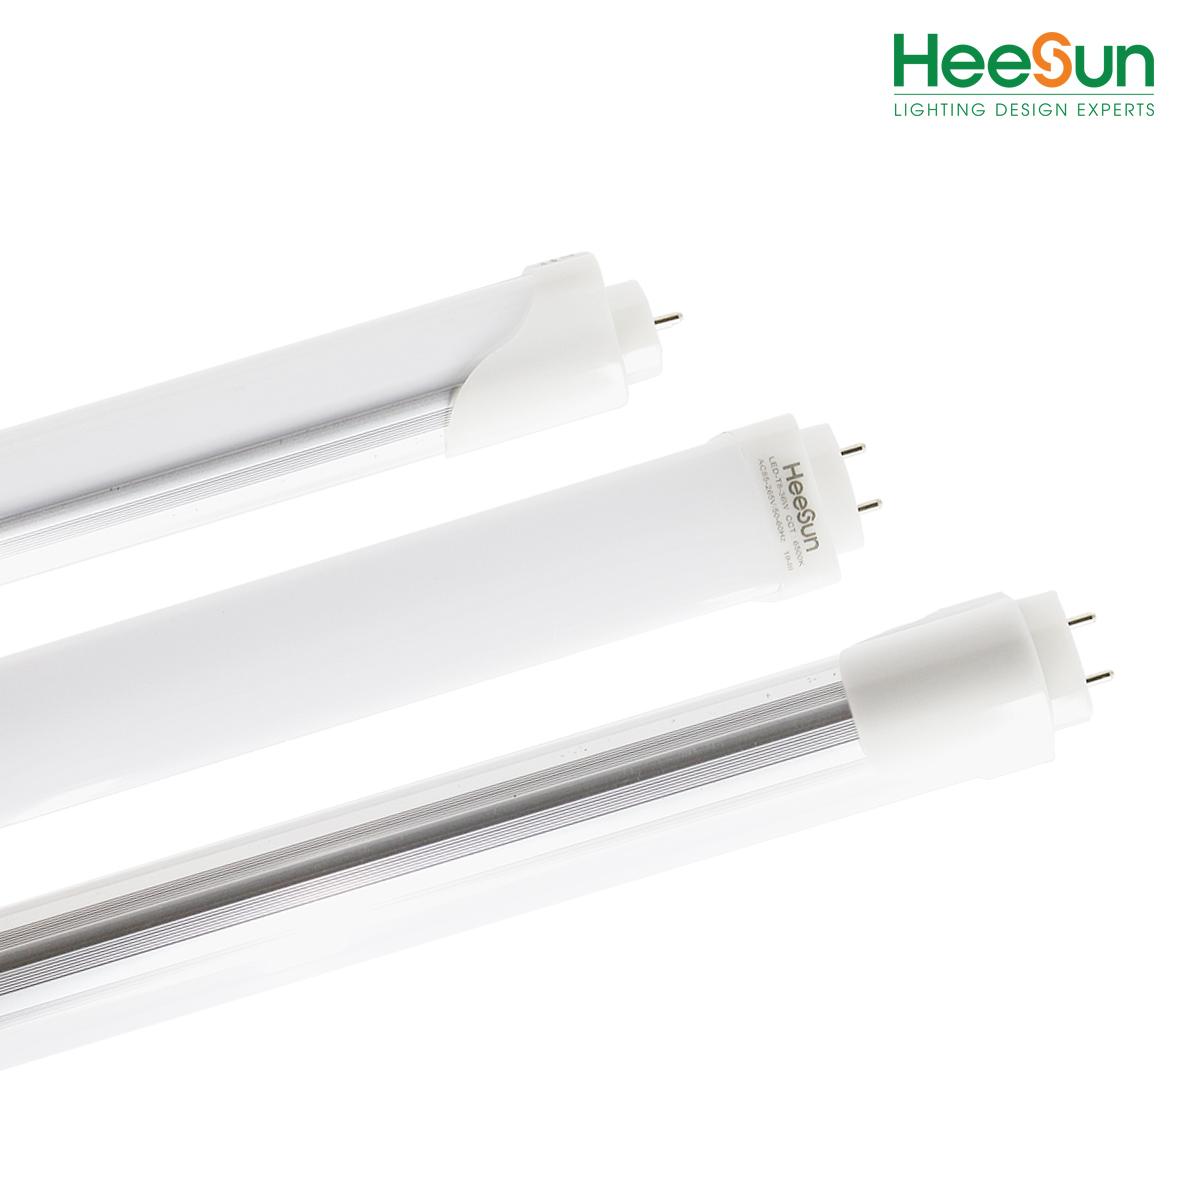 Đèn LED tuýp nhôm nhựa T8 1.2M HS-T8-NN36 - HEESUN VIỆT NAM